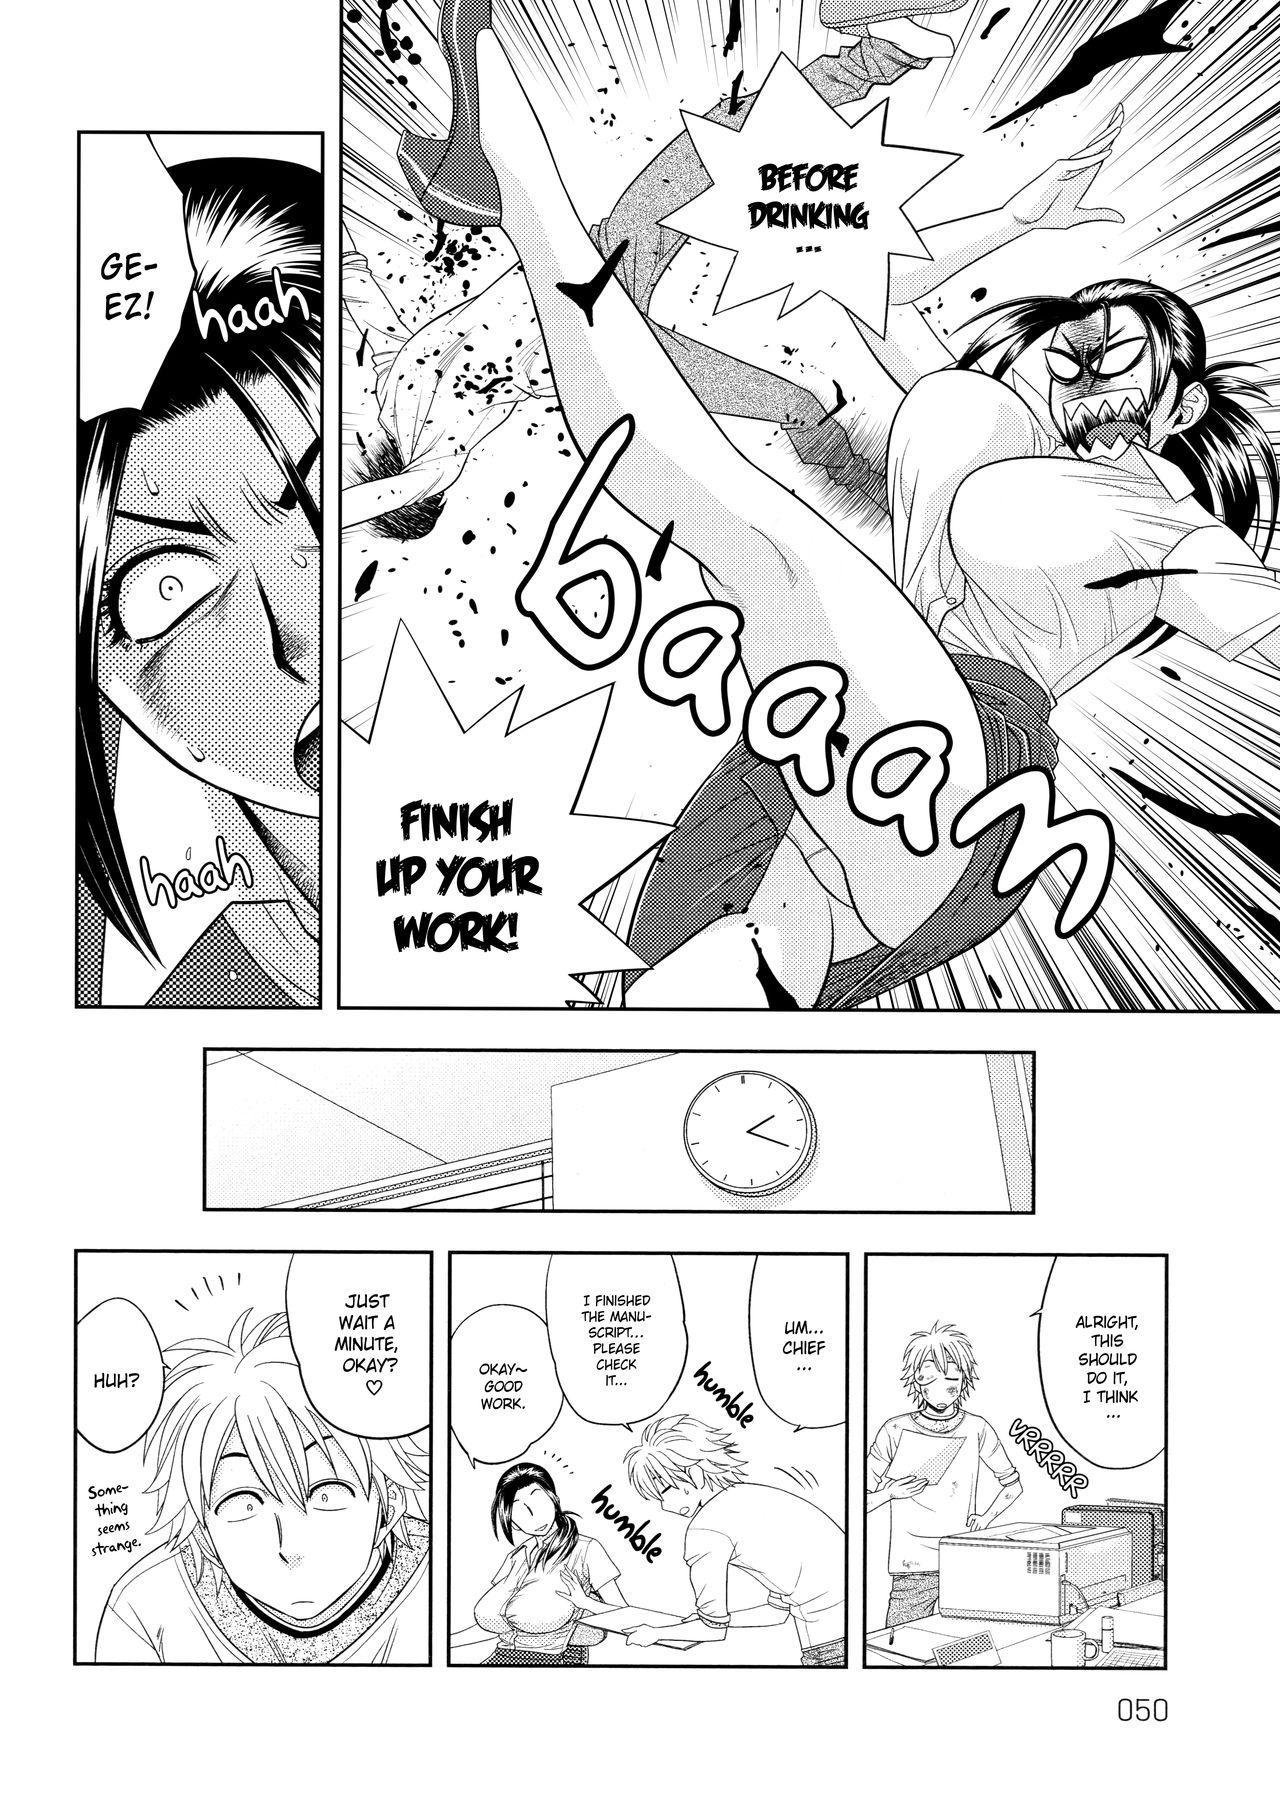 [Tatsunami Youtoku, Yamazaki Masato] Bijin Henshuu-chou no Himitsu | Beautiful Editor-in-Chief's Secret Ch. 1-7 [English] [Forbiddenfetish77, Red Vodka, Crystalium, CEDR777] [Decensored] 49